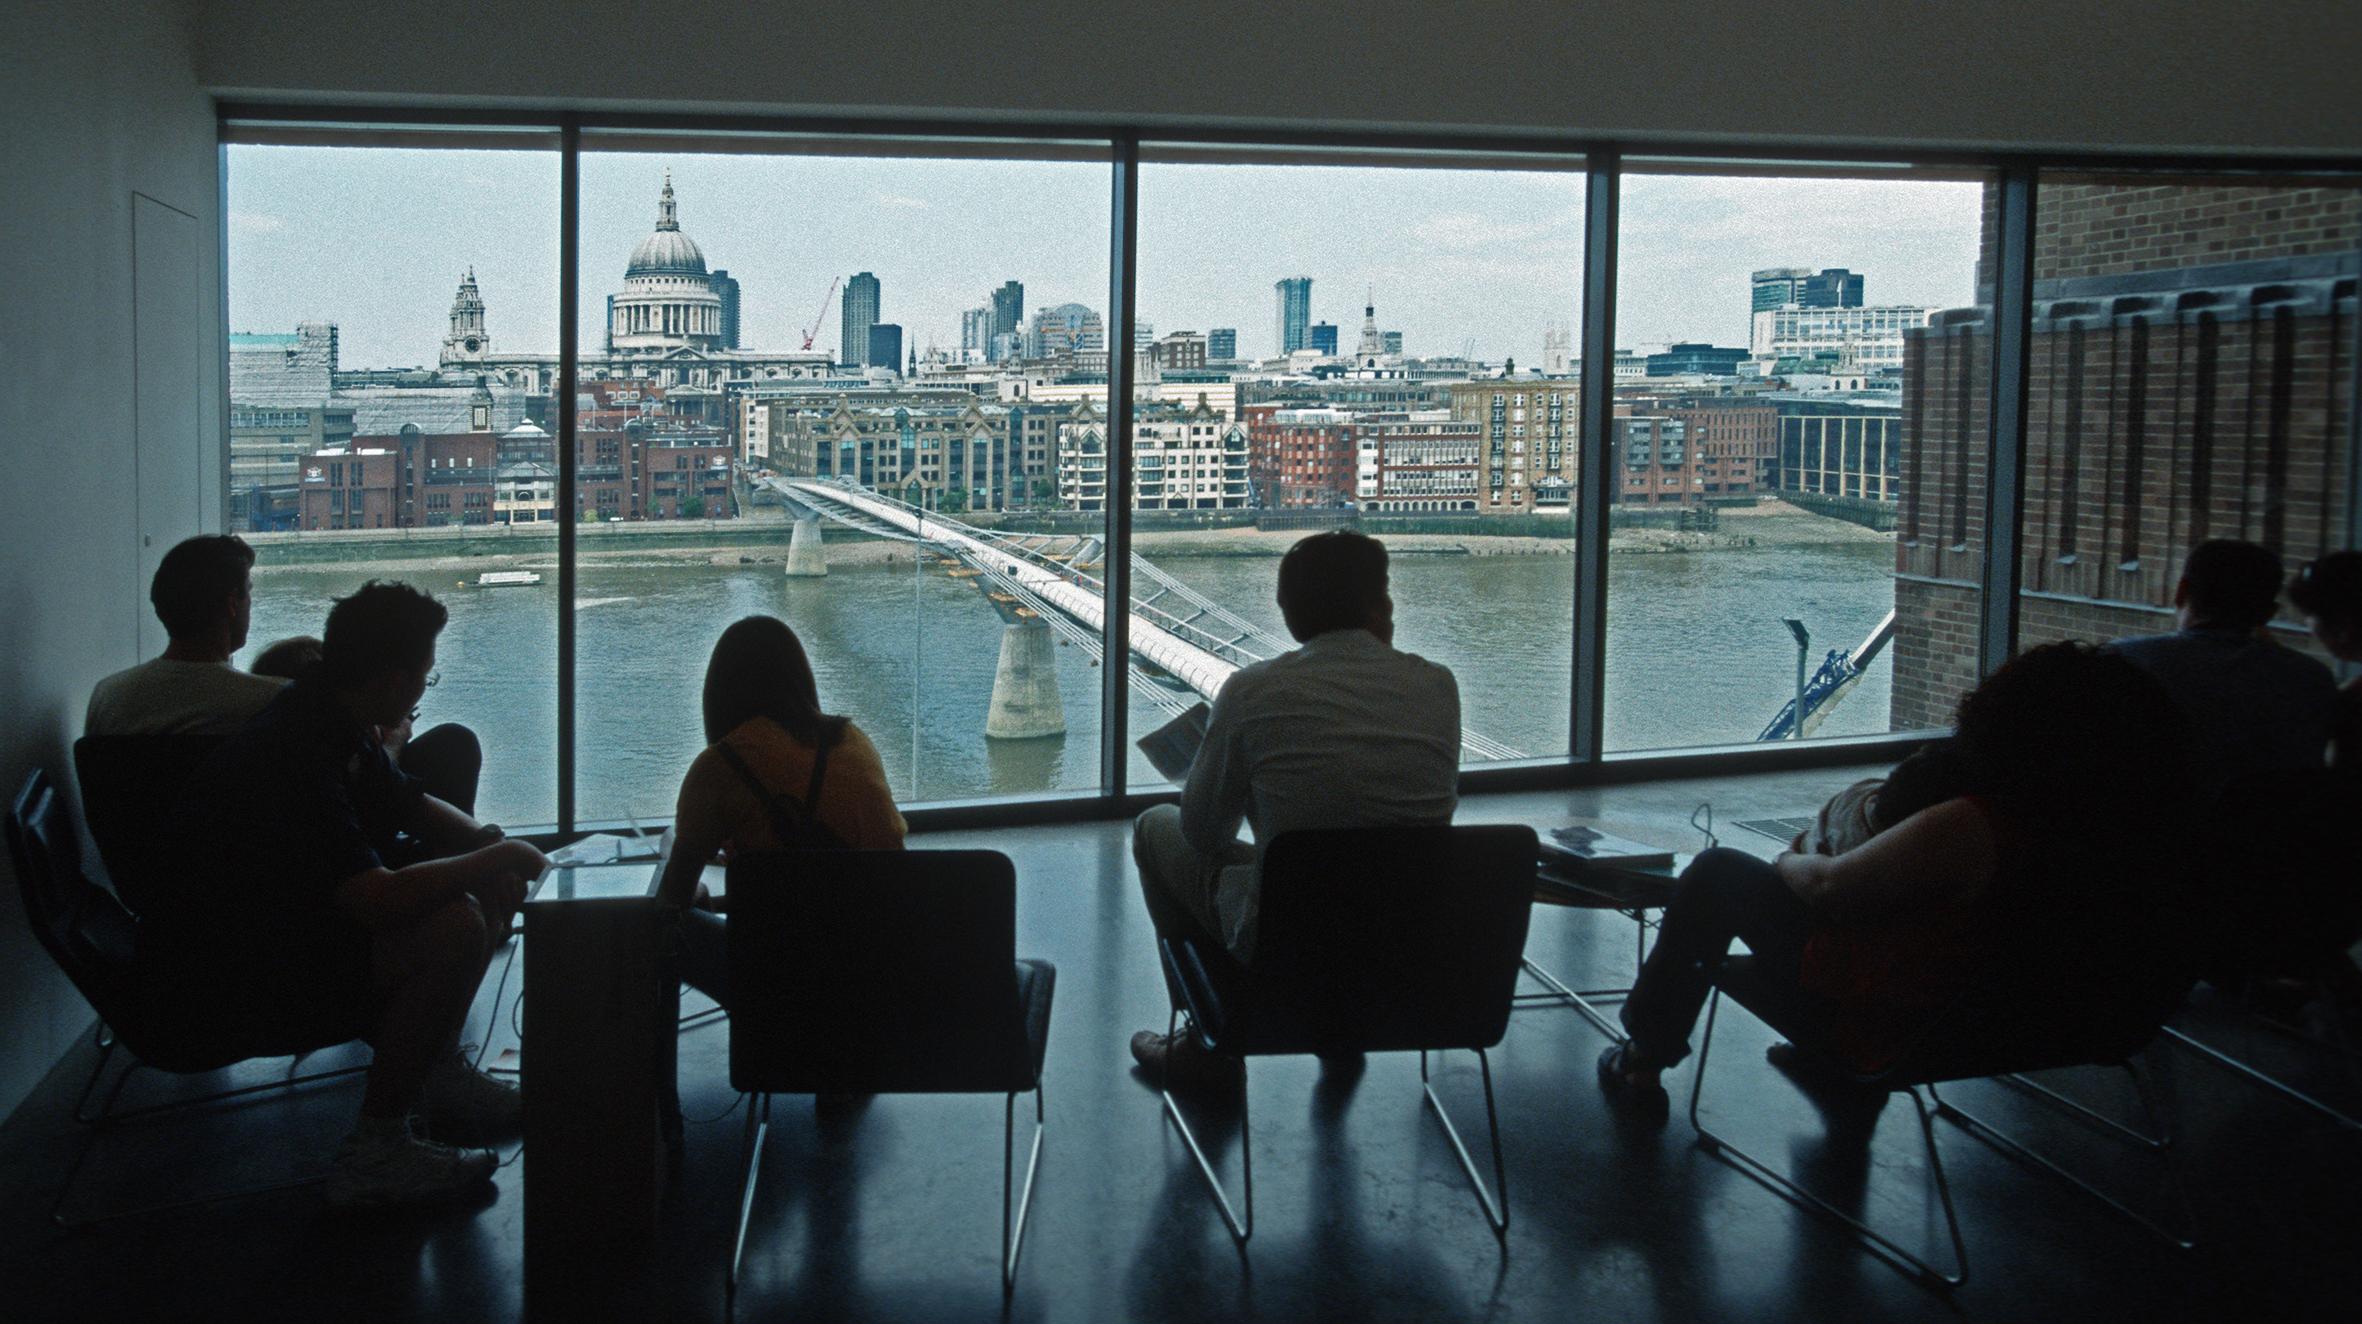 Tate modern london 2001 06.jpg